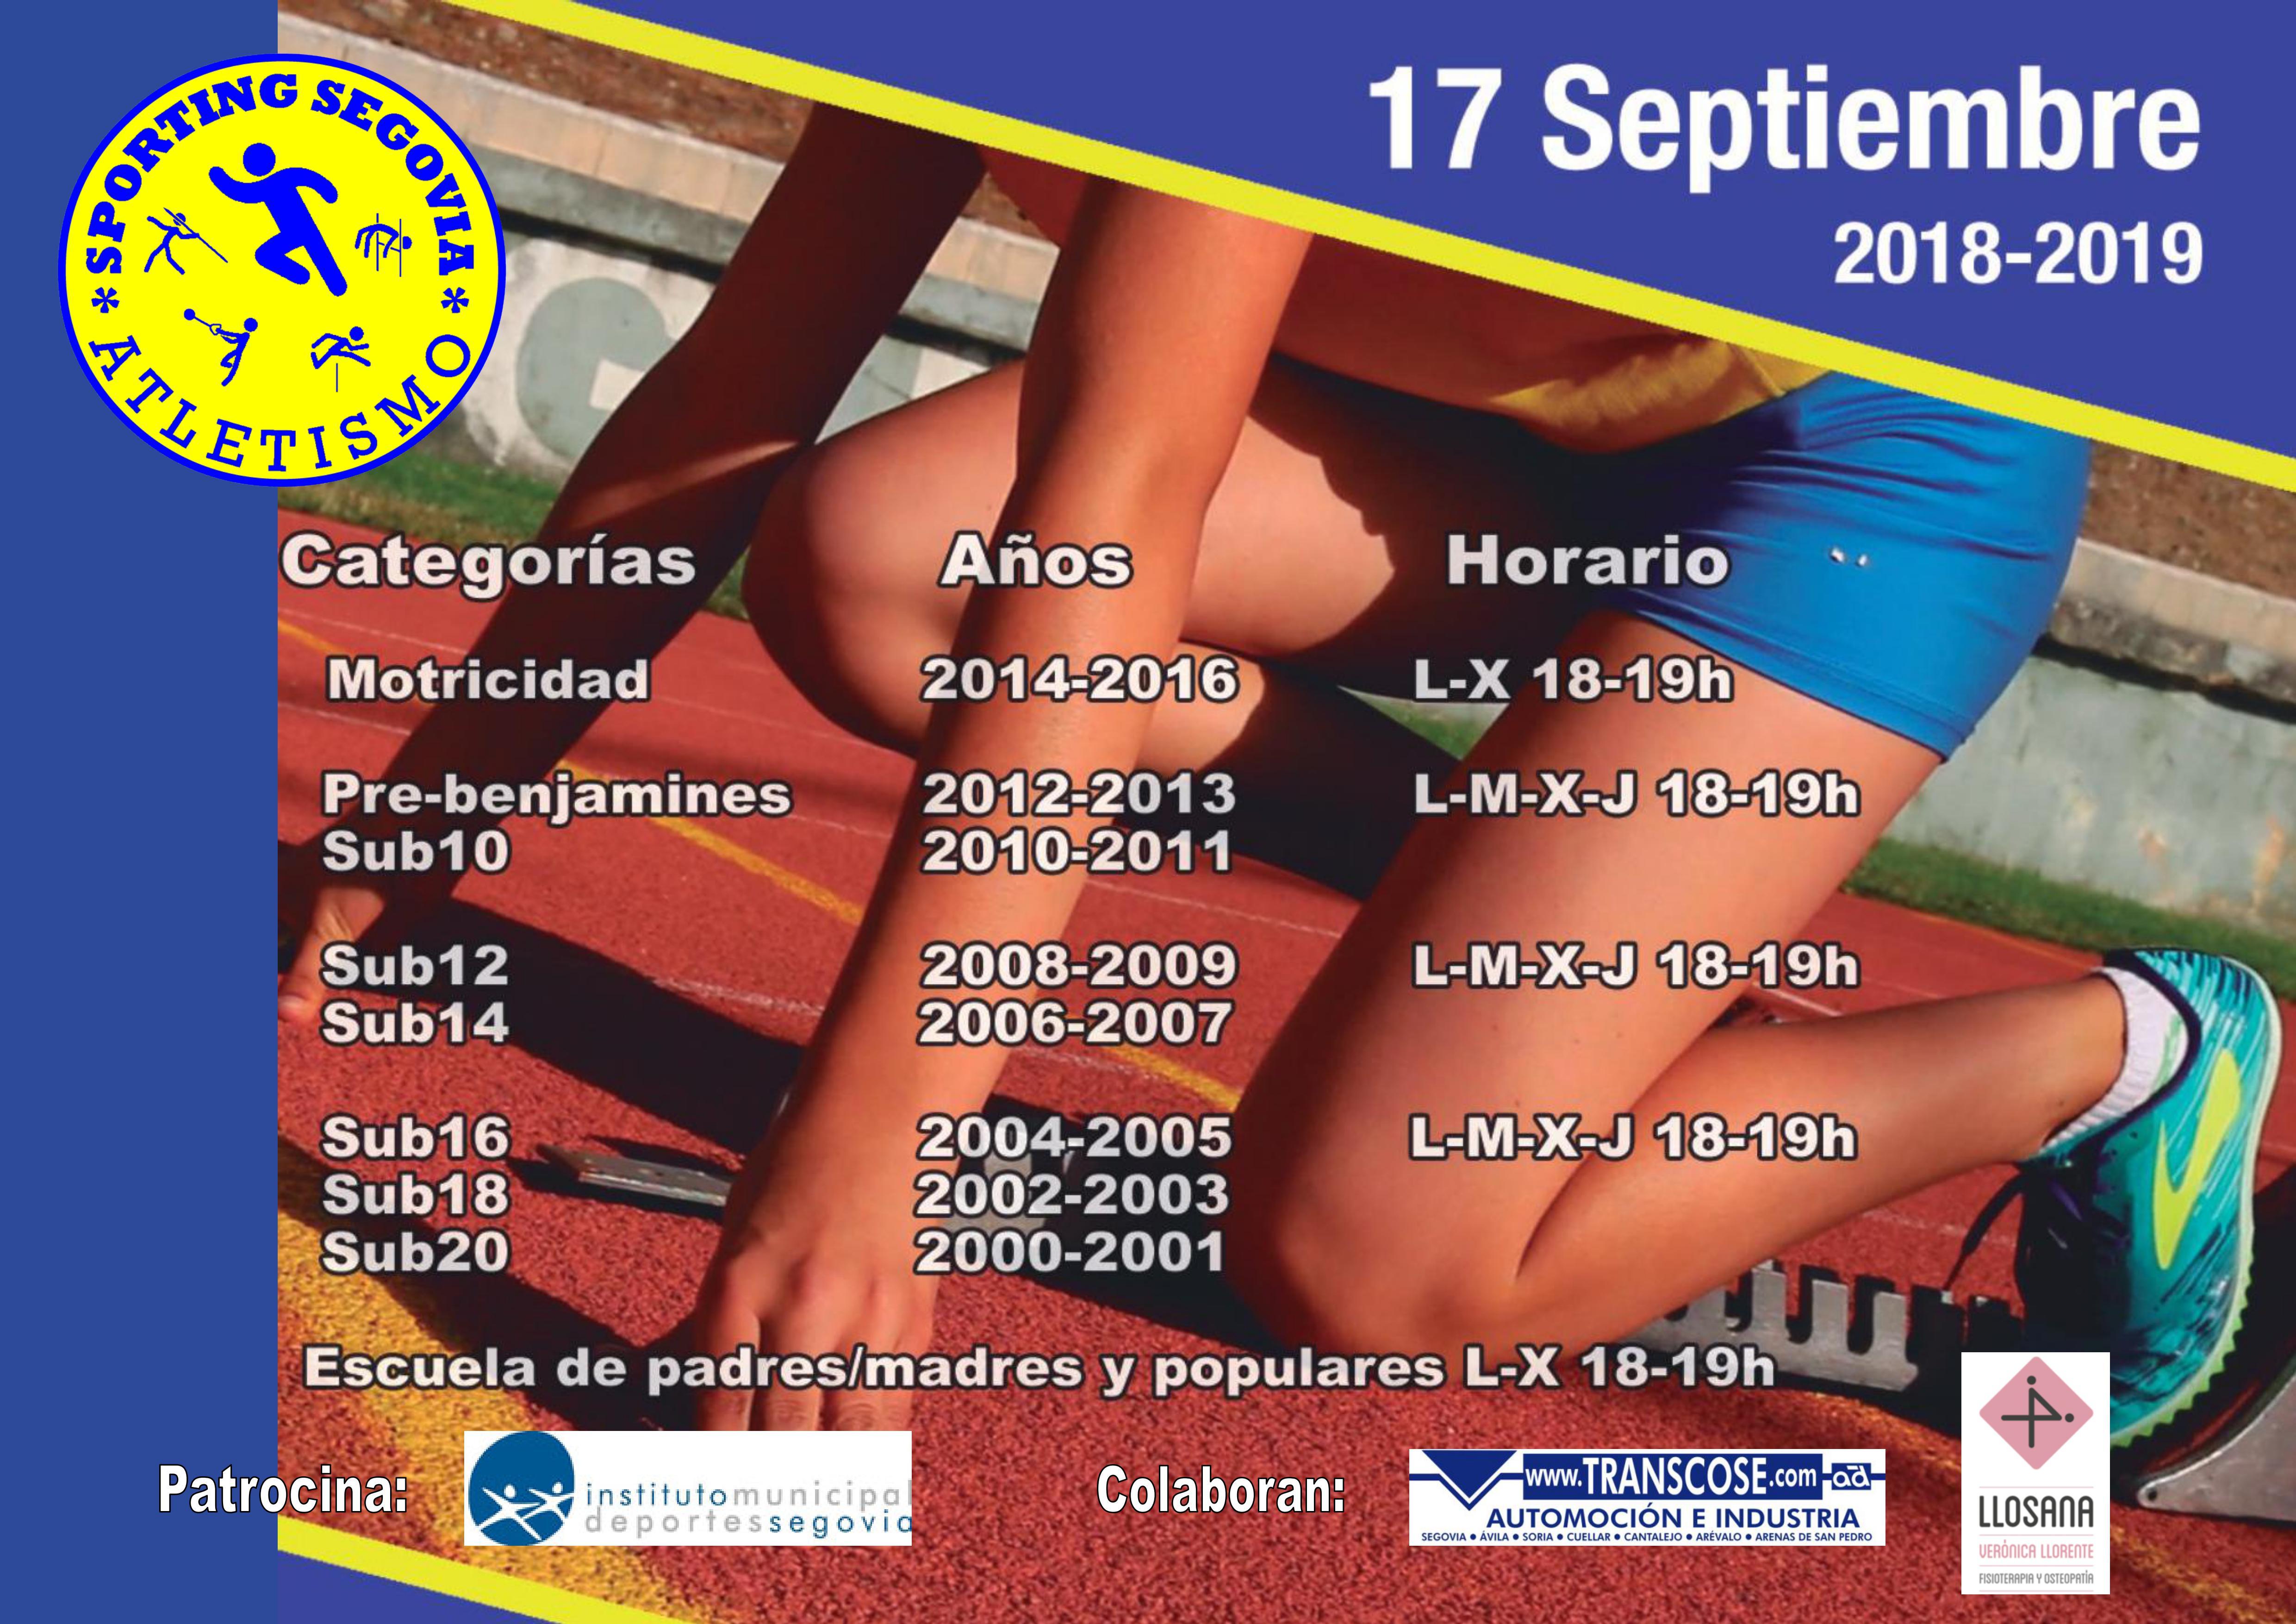 Club de Atletismo Sporting Segovia: Comienza la temporada 2018-19